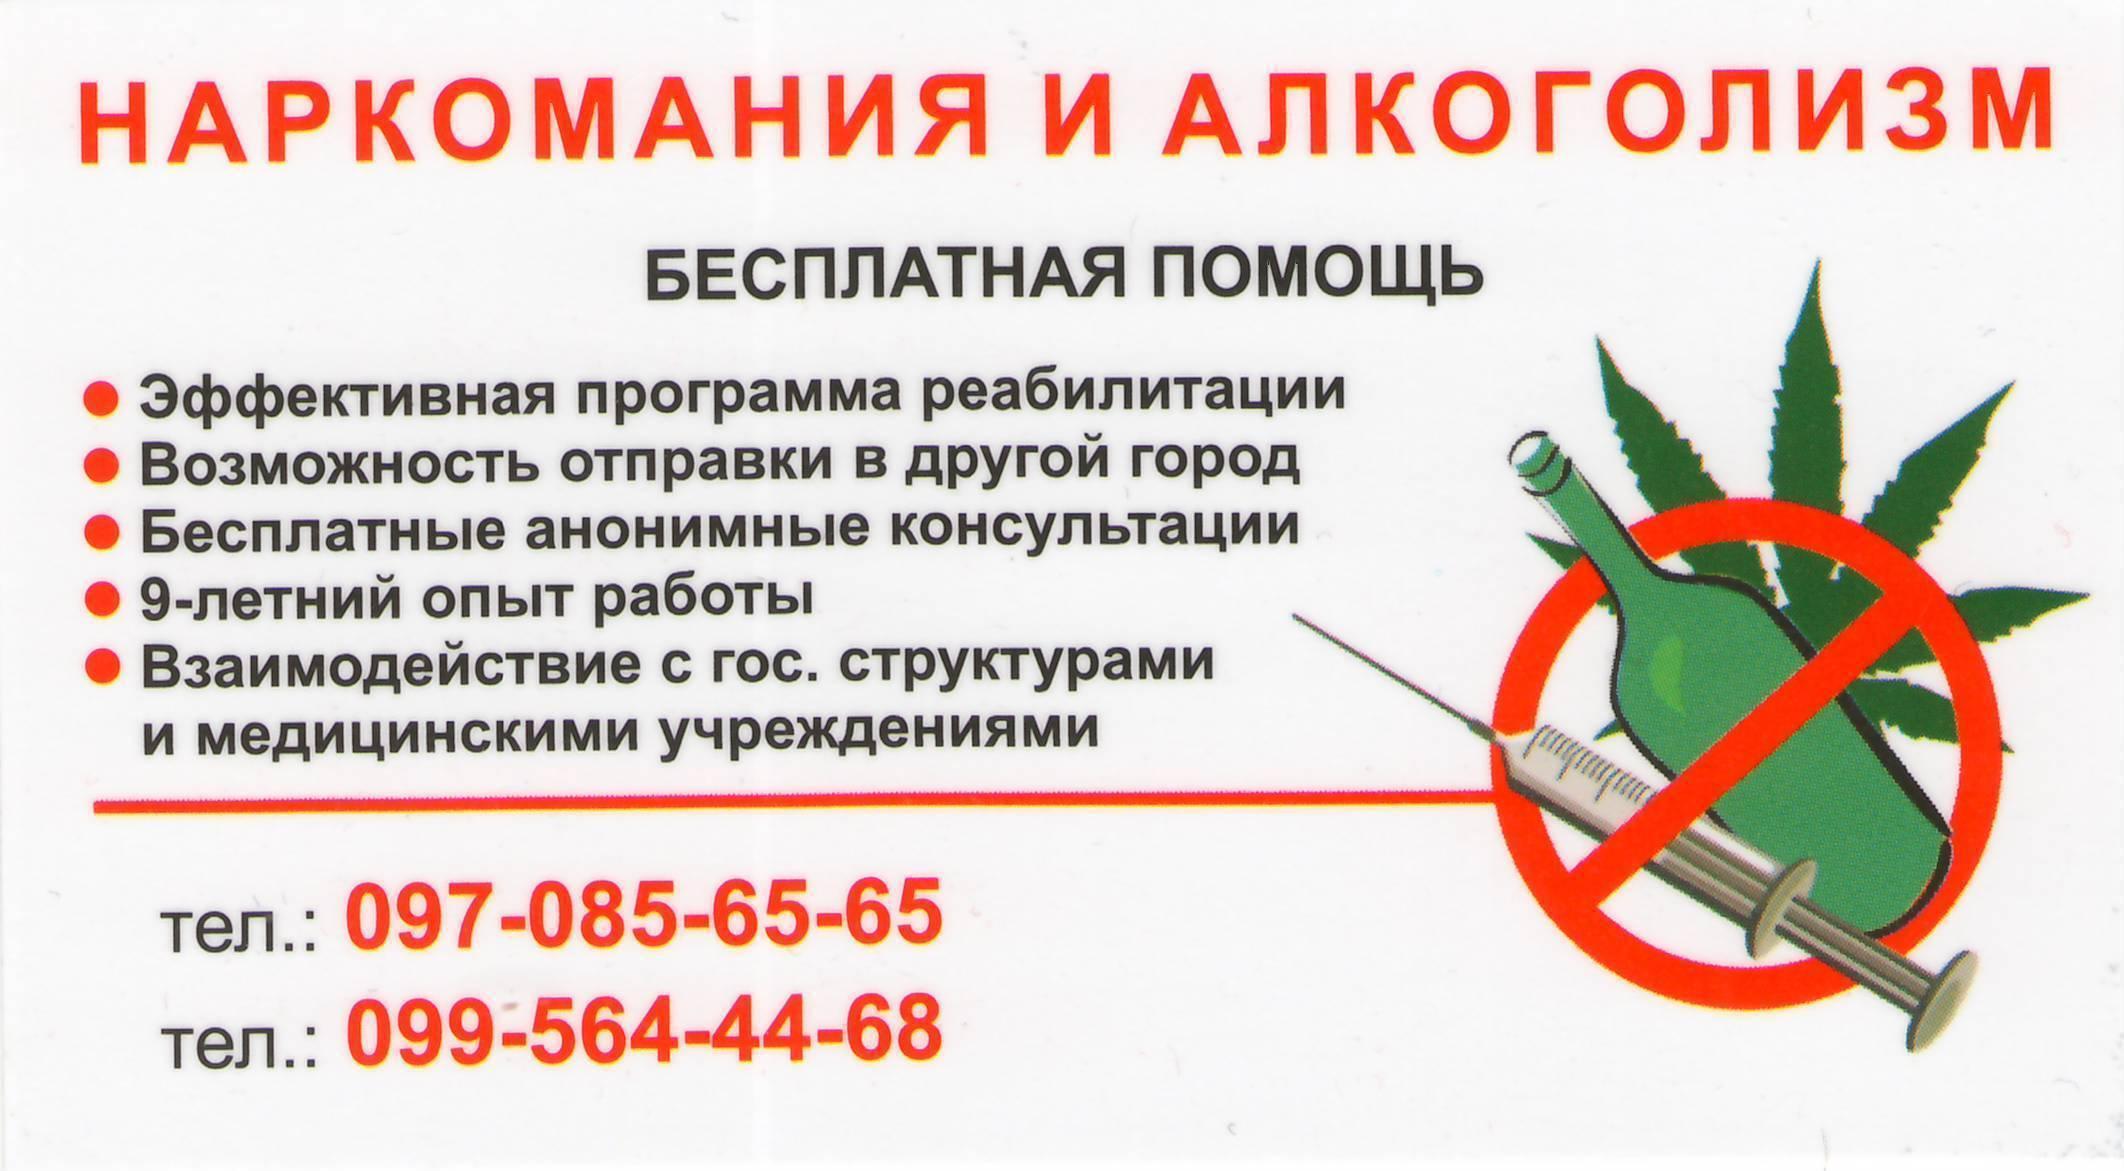 Кодирование от наркозависимости, цена кодировки от наркомании в москве. клиника нармед